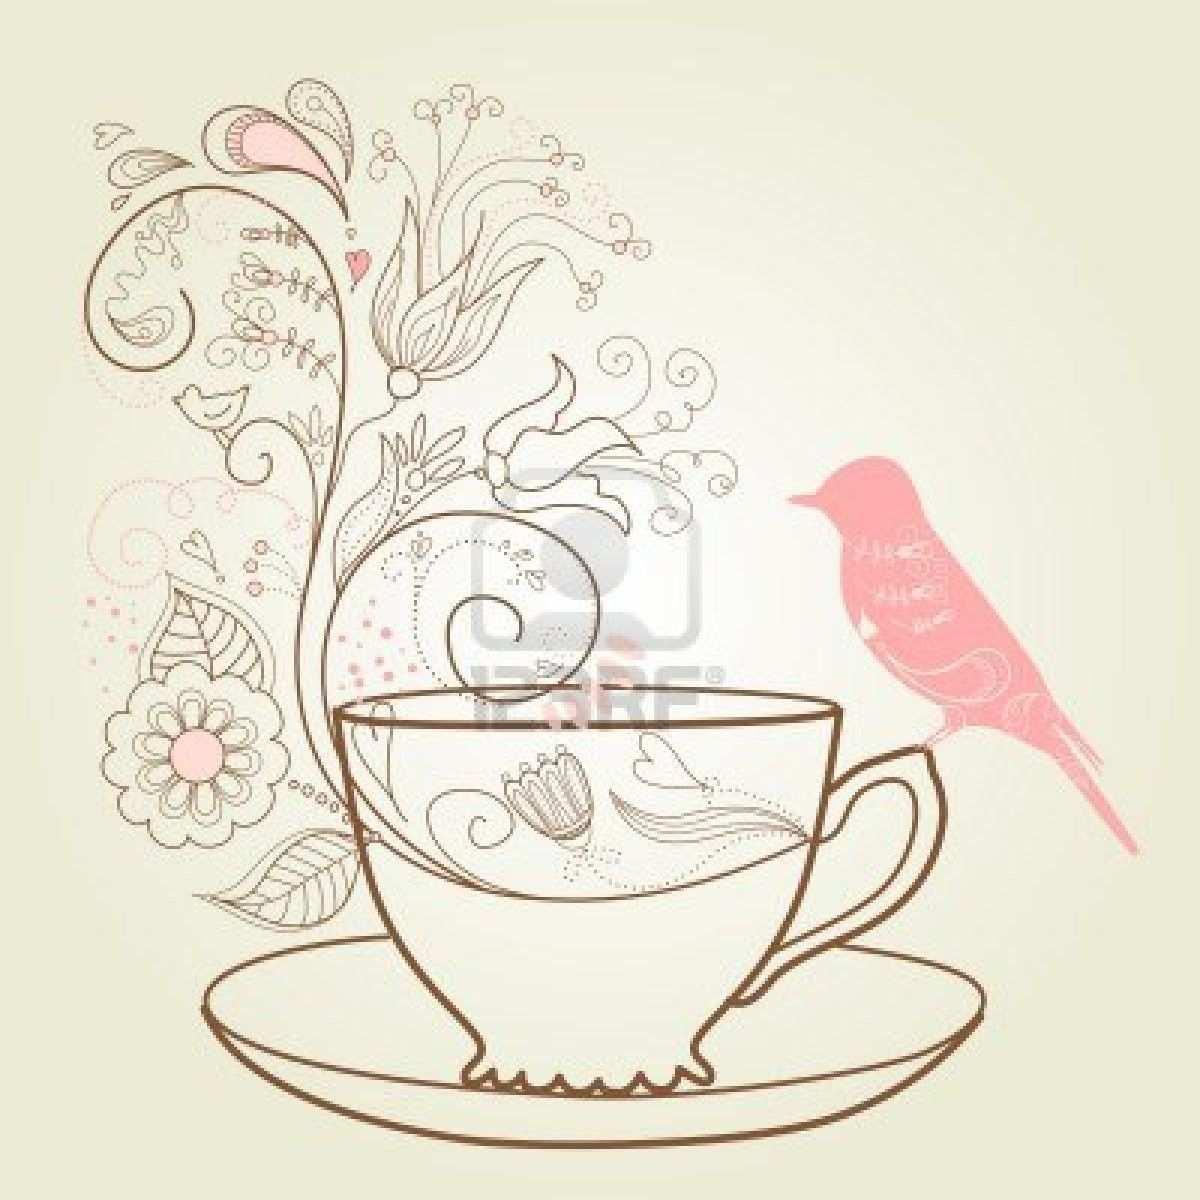 80 Printable Afternoon Tea Invitation Template Blank Photo with Afternoon Tea Invitation Template Blank